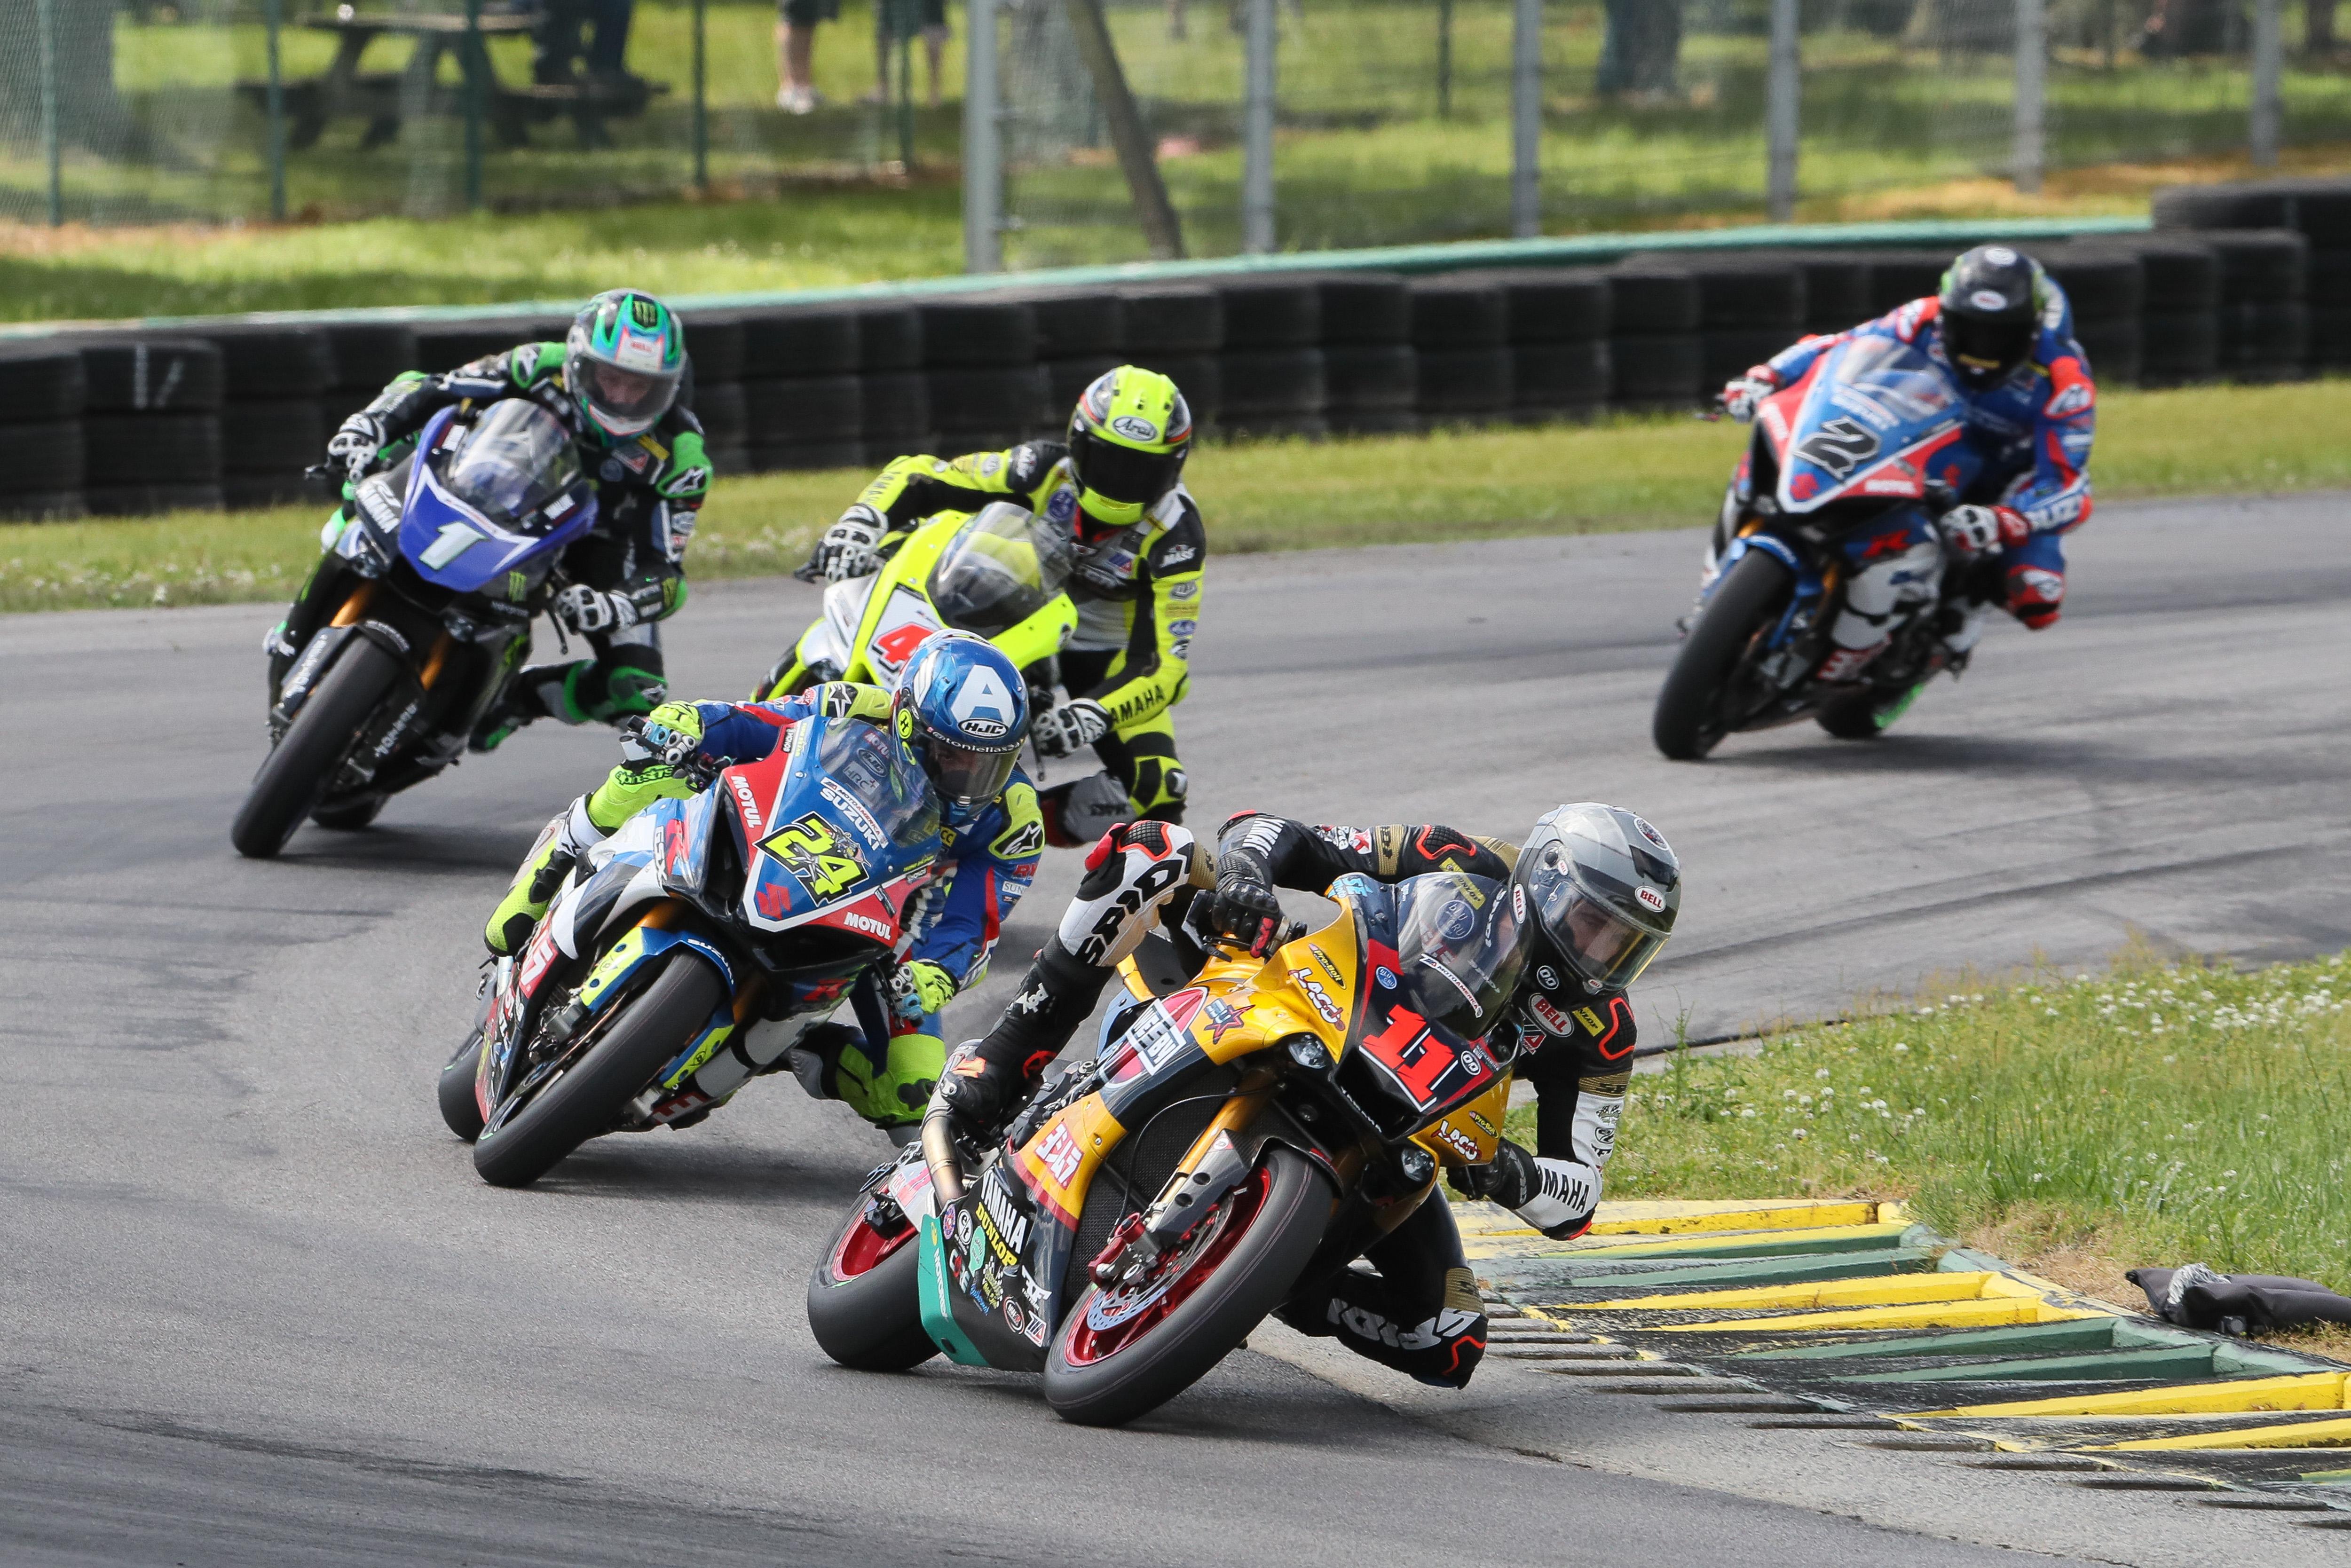 2019 VIR - SBK Race 2